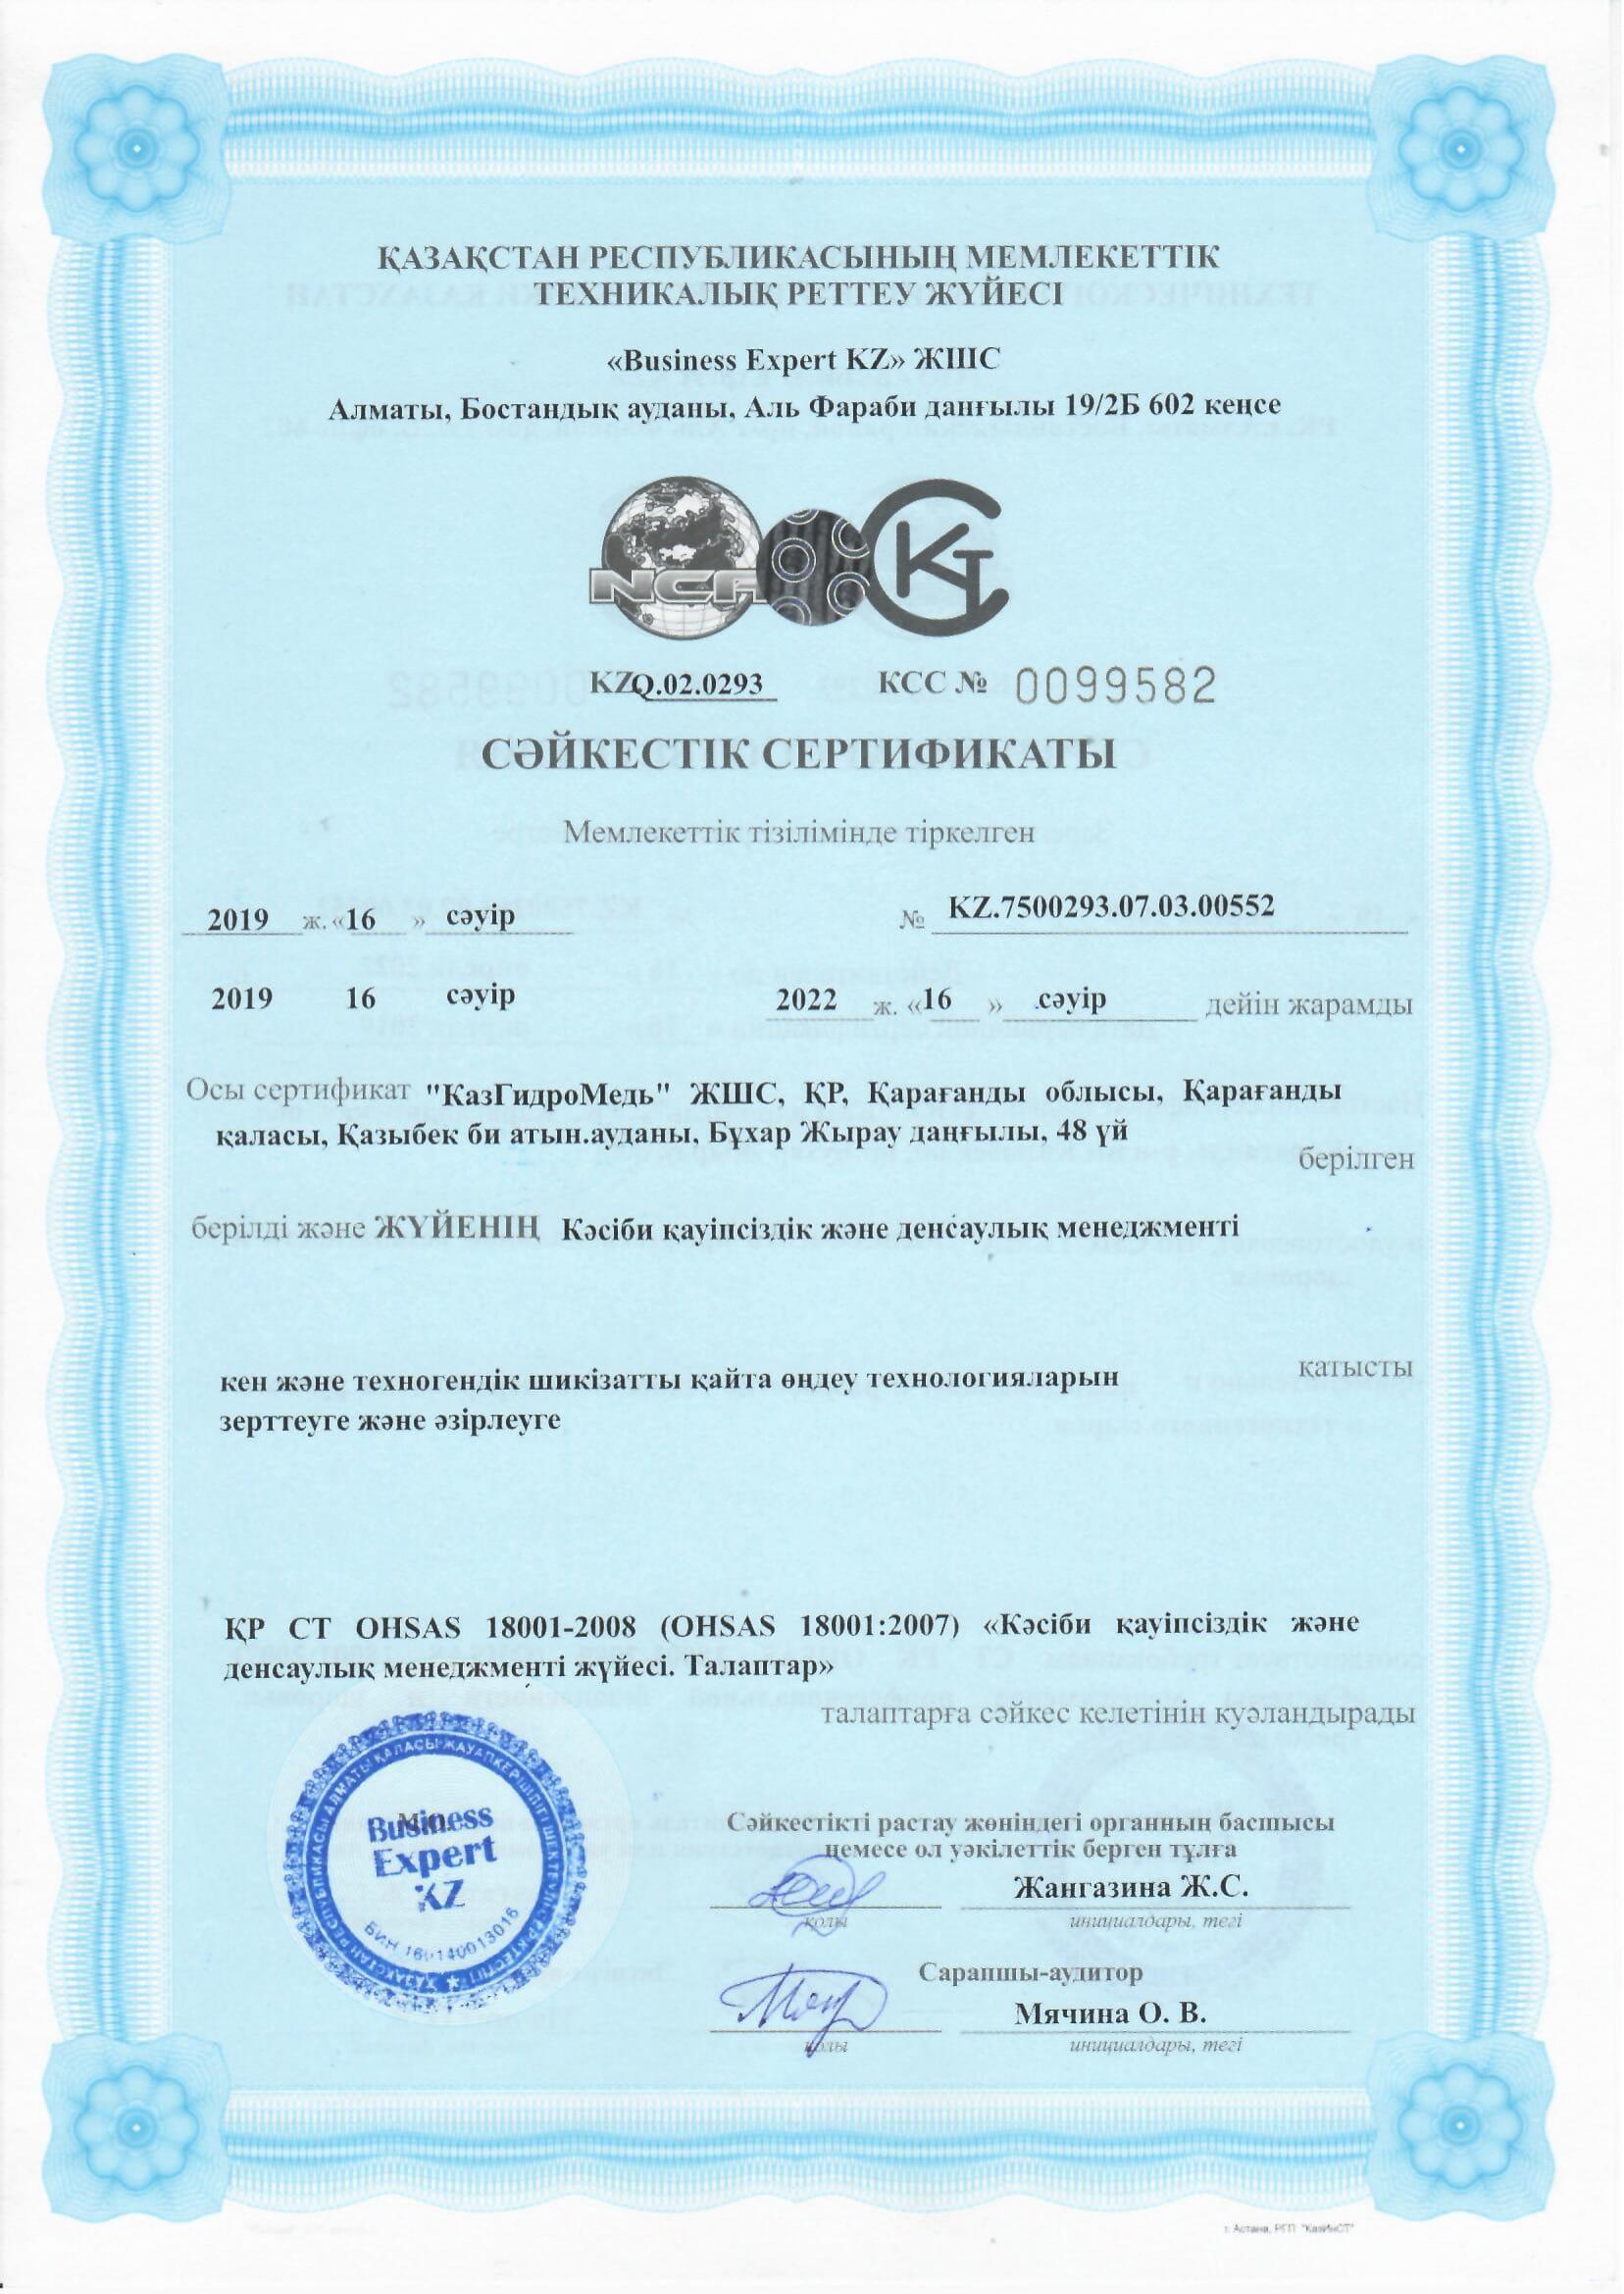 3 - Сертификаты соответствия 2019-6